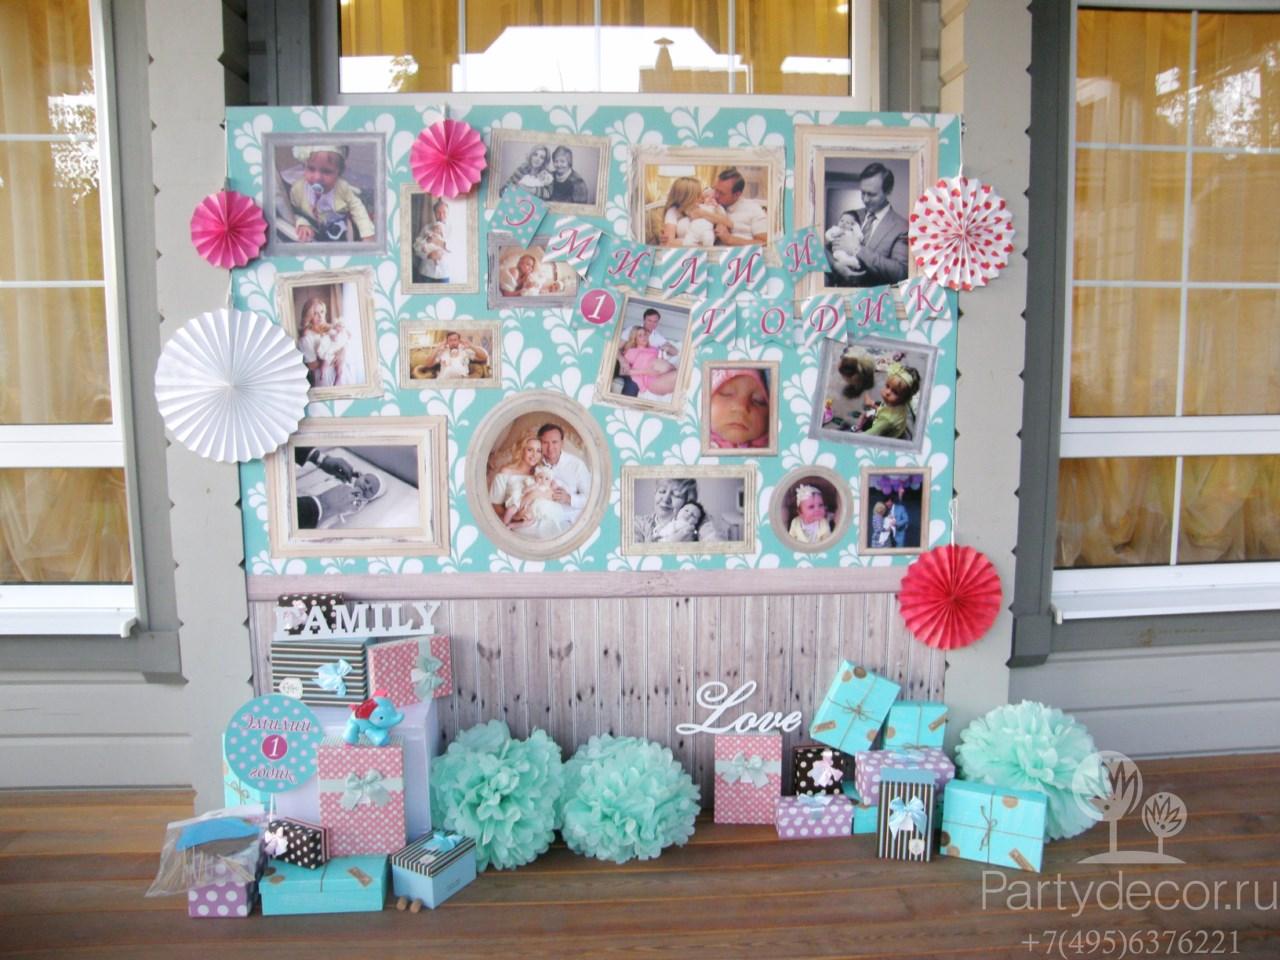 Свадебное оформление бумажными цветами (50 фото) 46